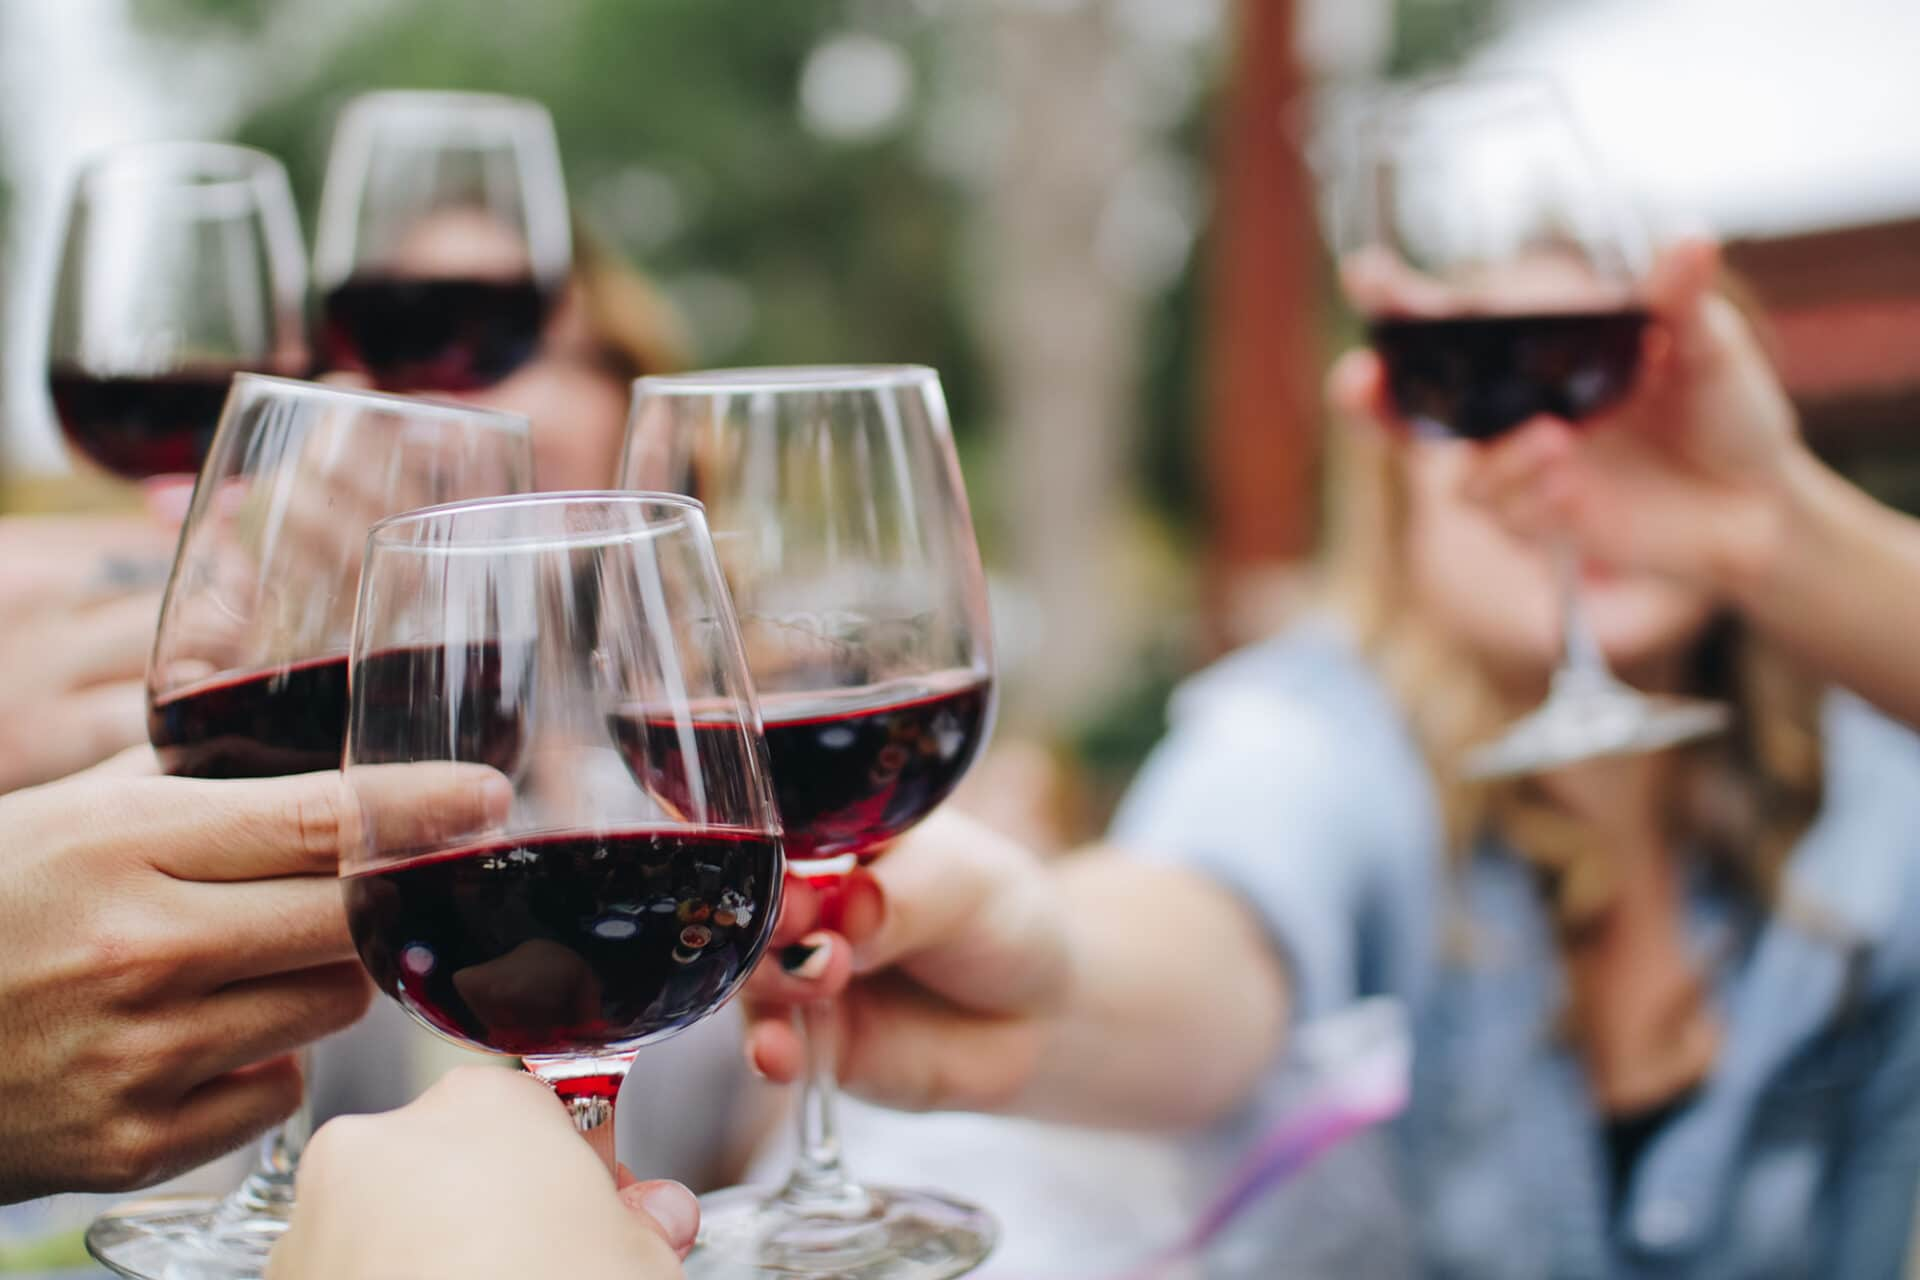 fournisseur de vin pour les entreprises bretagne